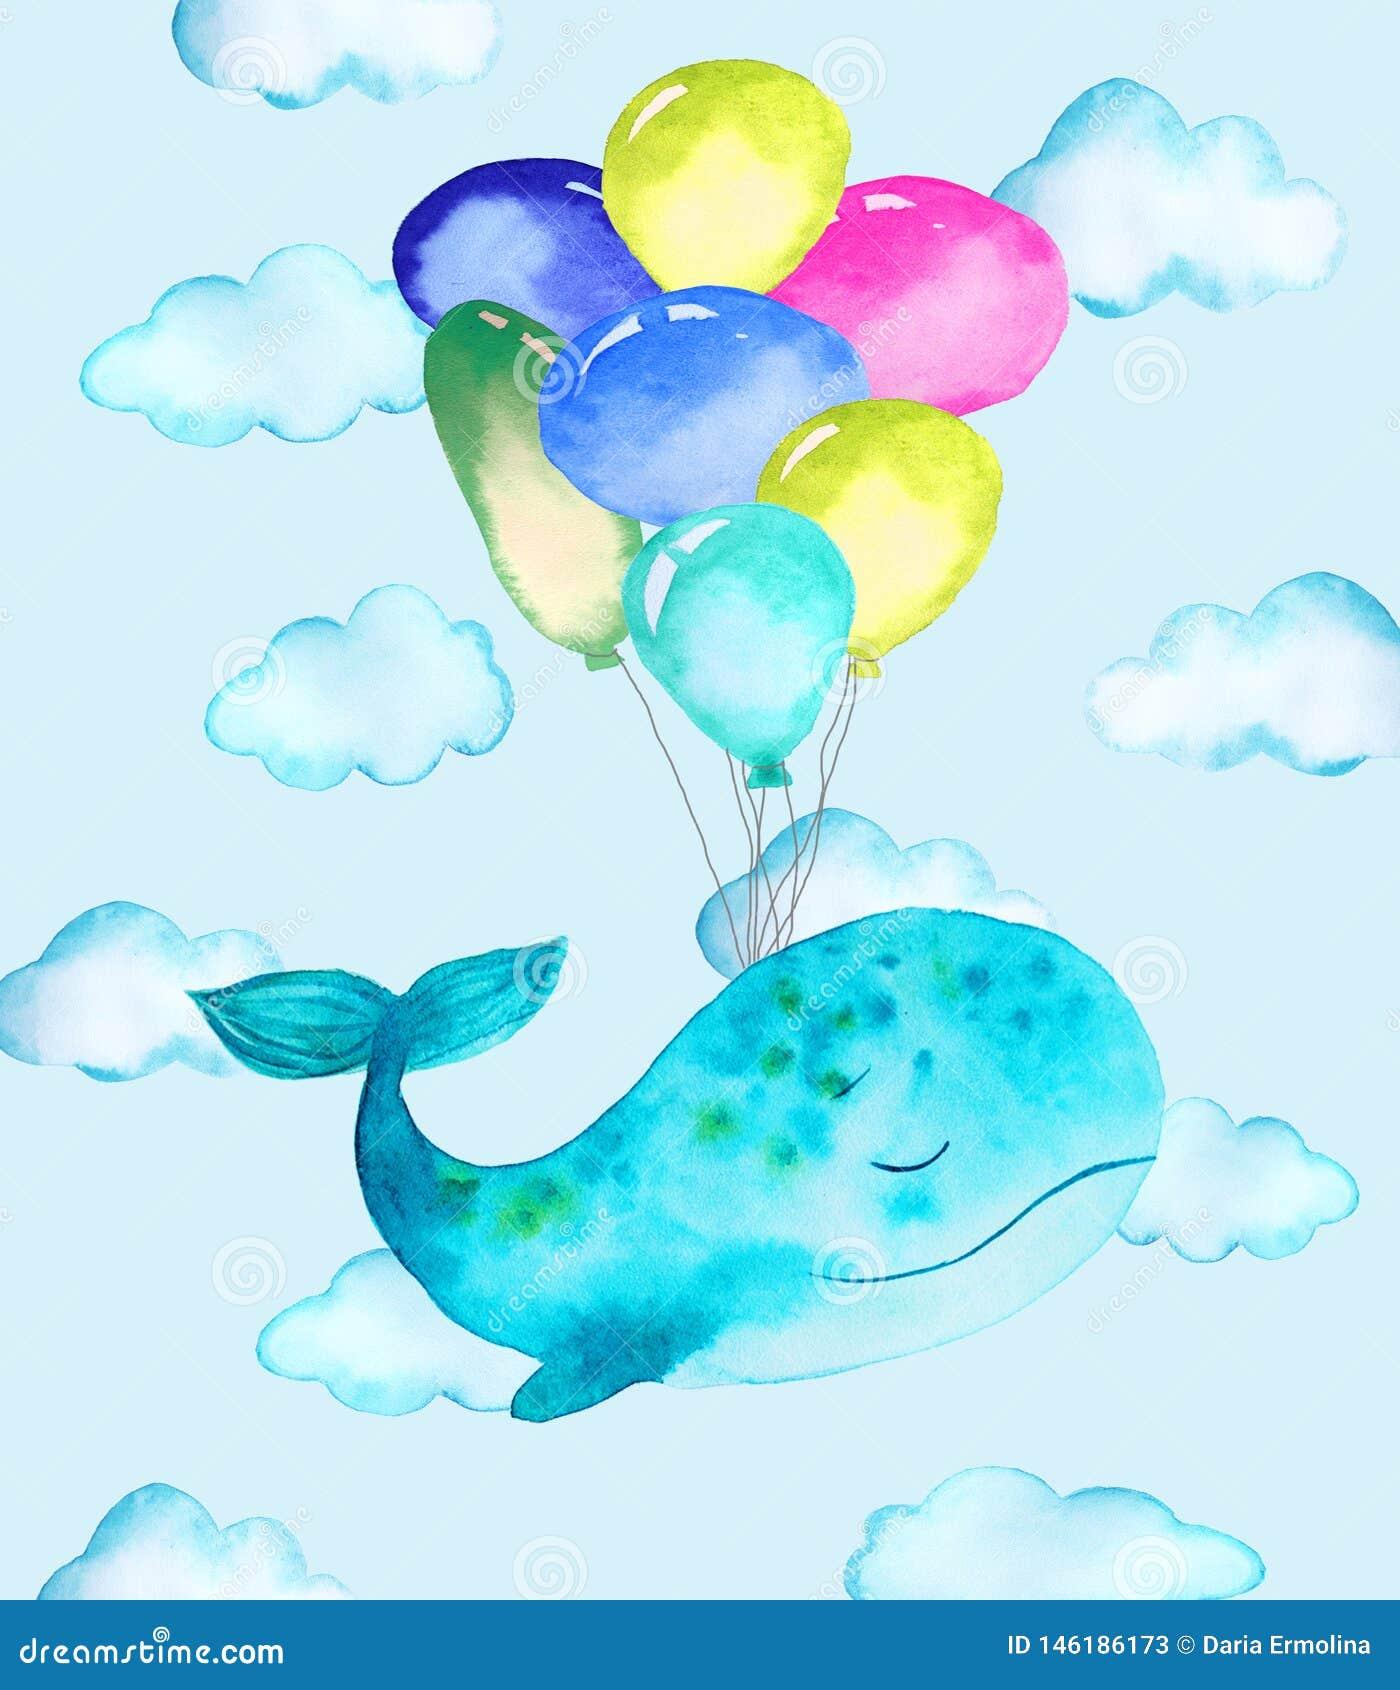 Иллюстрация кита и воздушных шаров